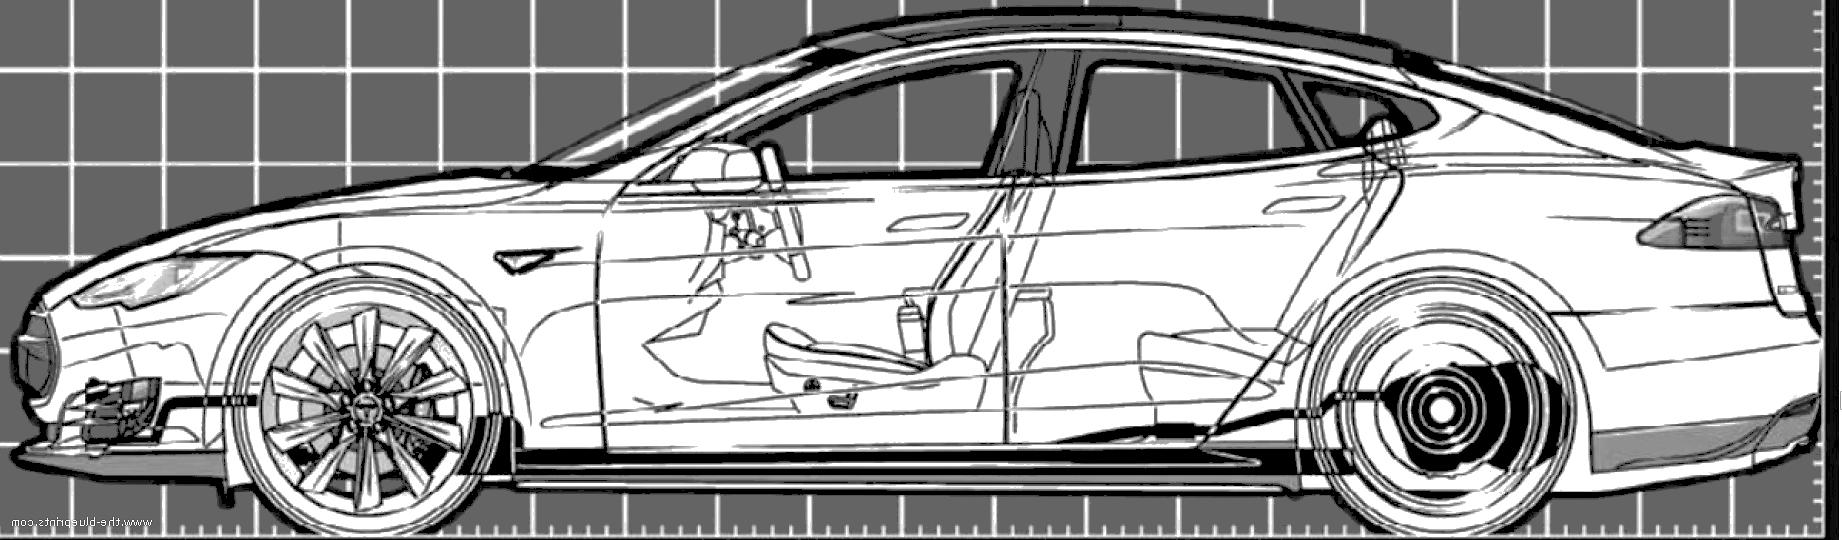 автомобиль тесла чертежи